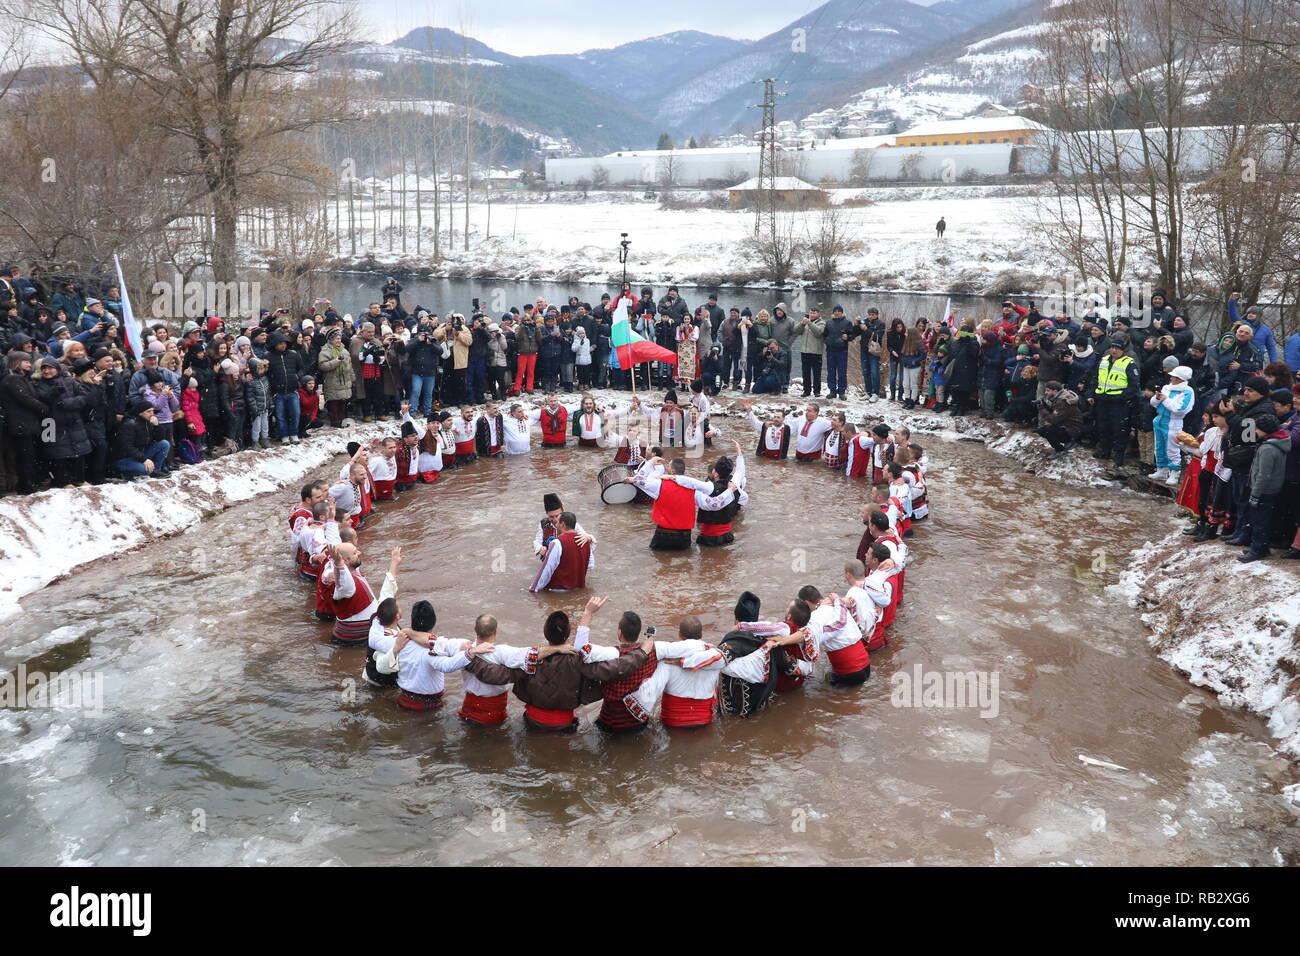 """Zverino, Bulgaria. 6 gennaio 2019: le persone a svolgere la nazionale di danza """"Horo' nelle gelide acque del fiume Iskar nel villaggio di Zverino, durante le celebrazioni del giorno dell'Epifania il 6 gennaio 2019. Credito: GeorgiD/Alamy Live News Immagini Stock"""